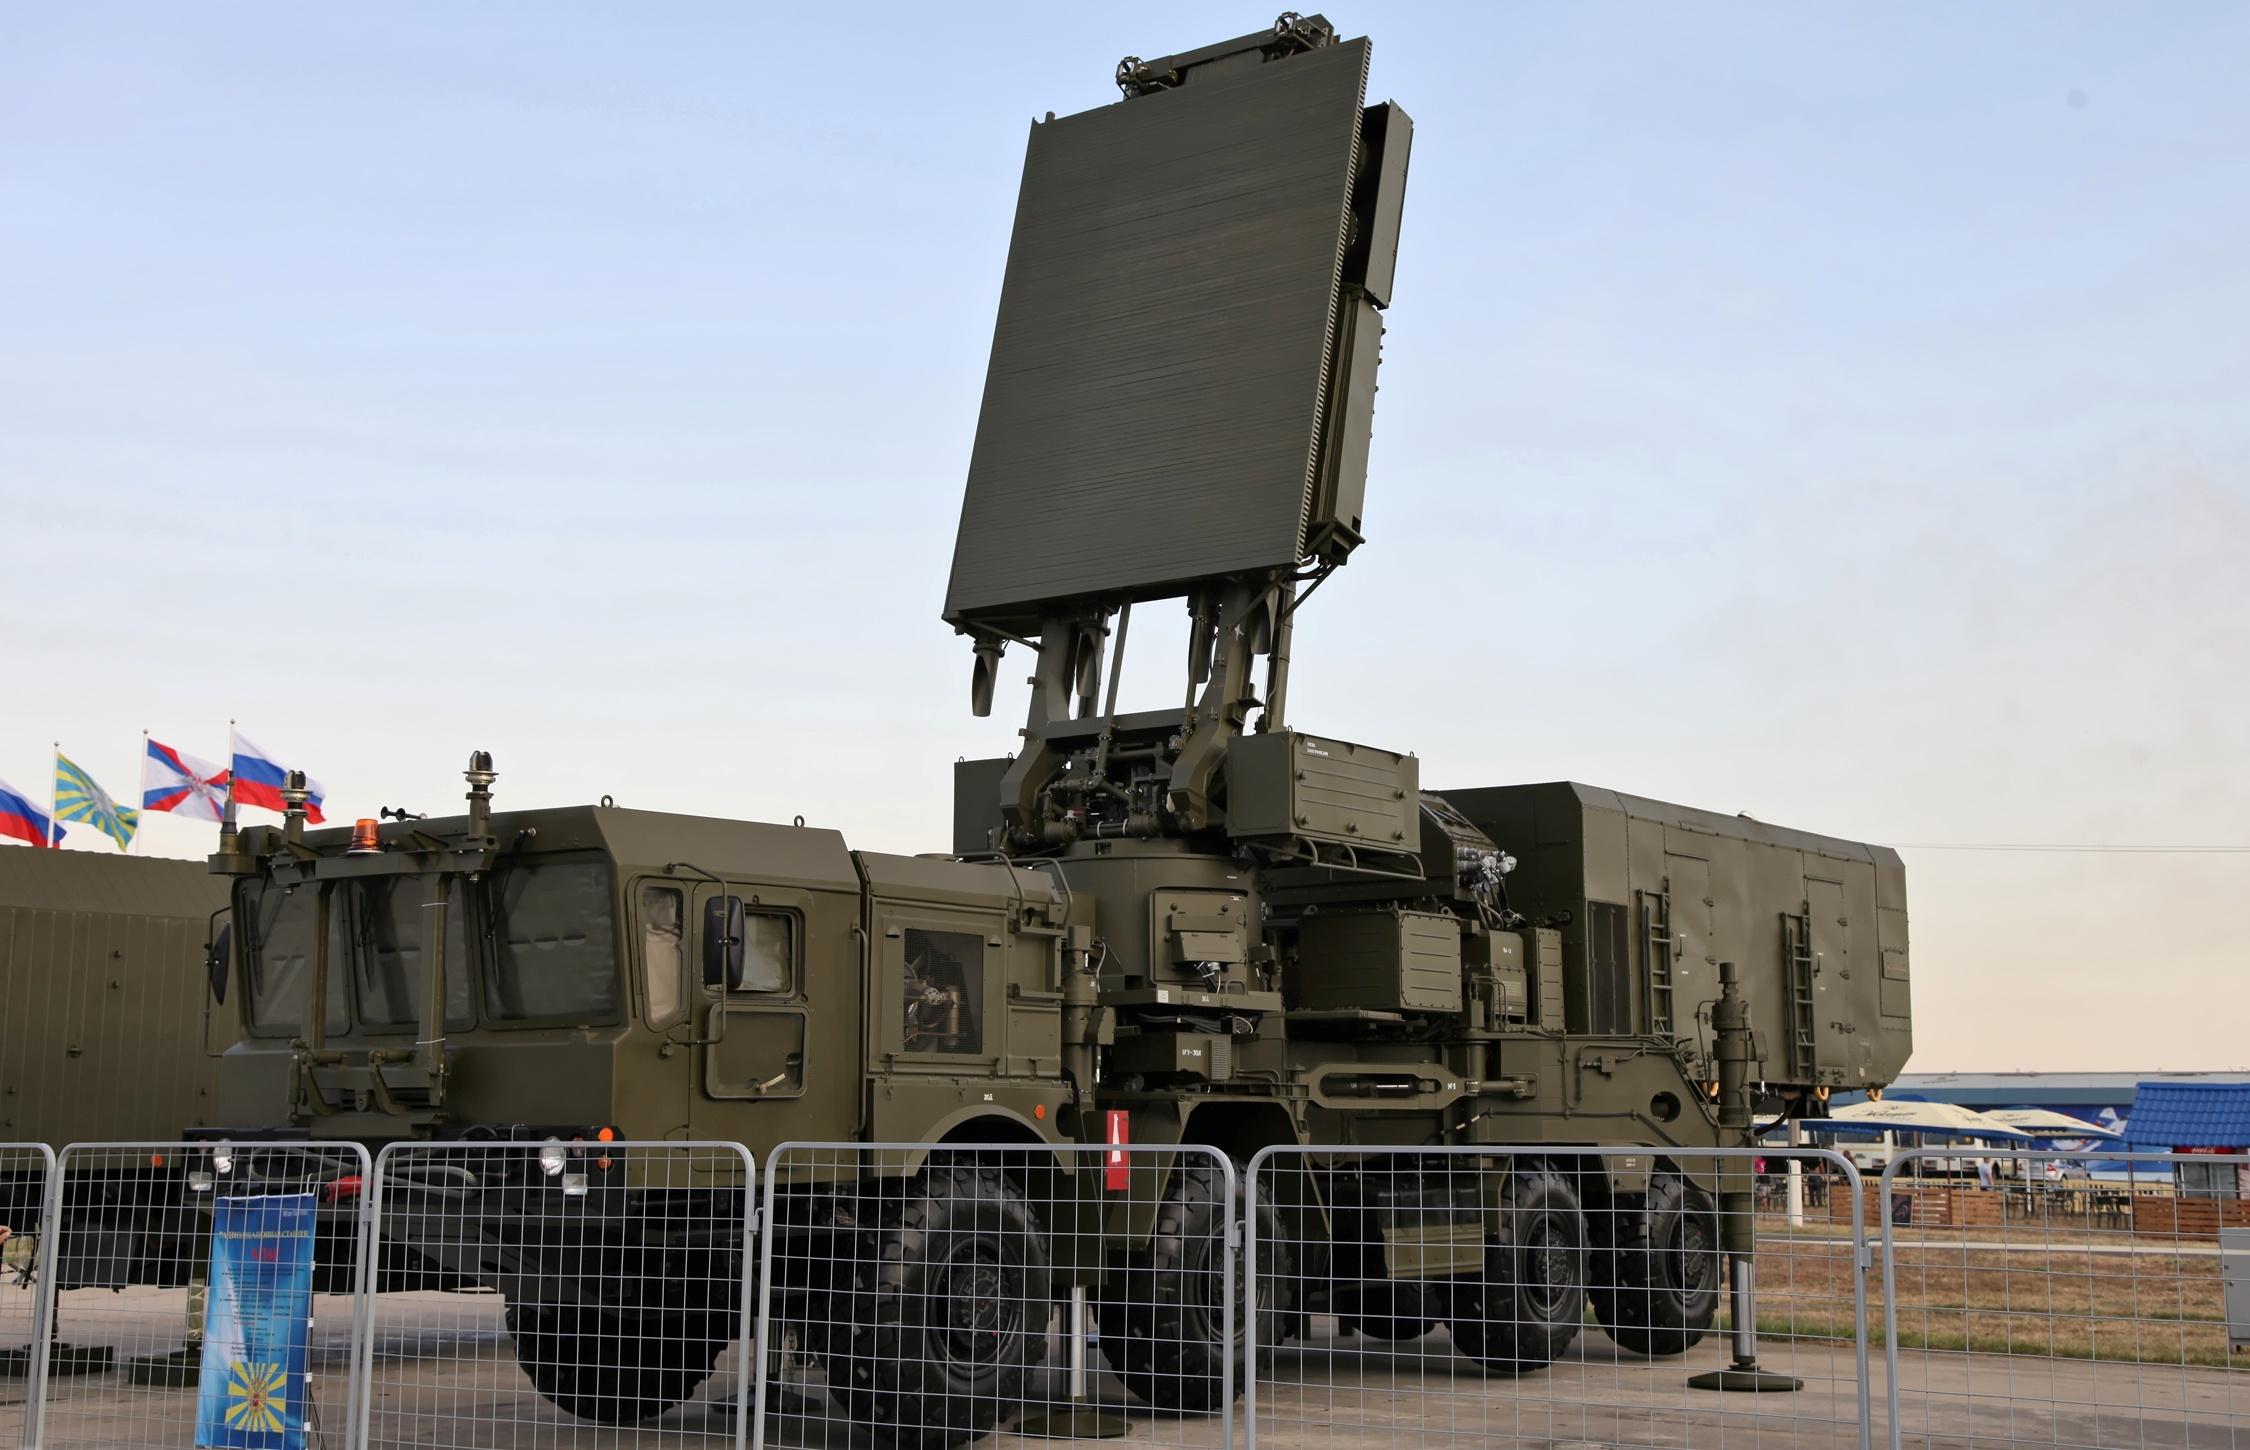 96L6E_radar_radar_-_100th_Anniversary_VVS-R_-01.jpg